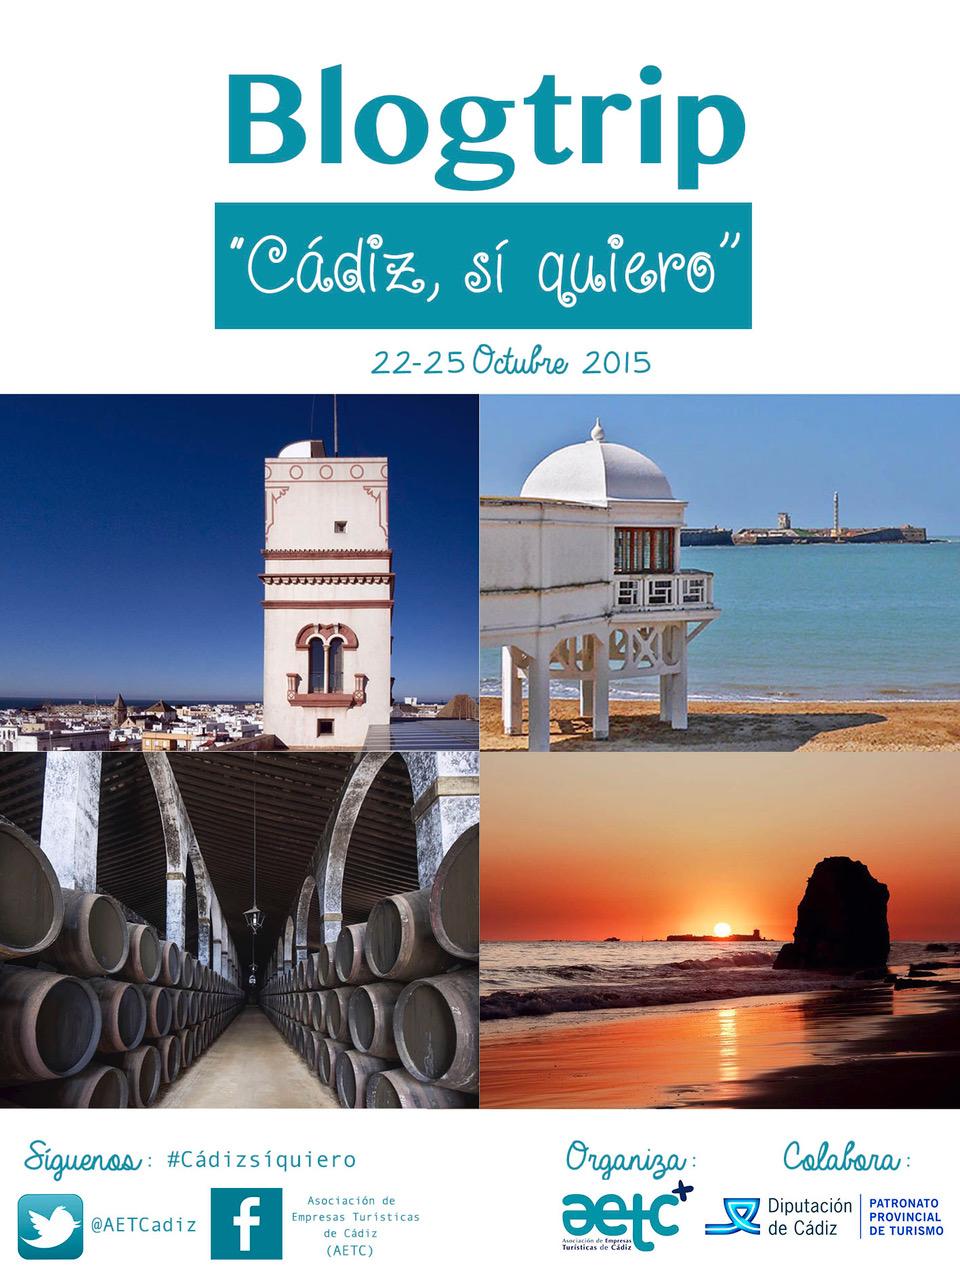 CARTEL BLOGTRIP 2015 Cadiz